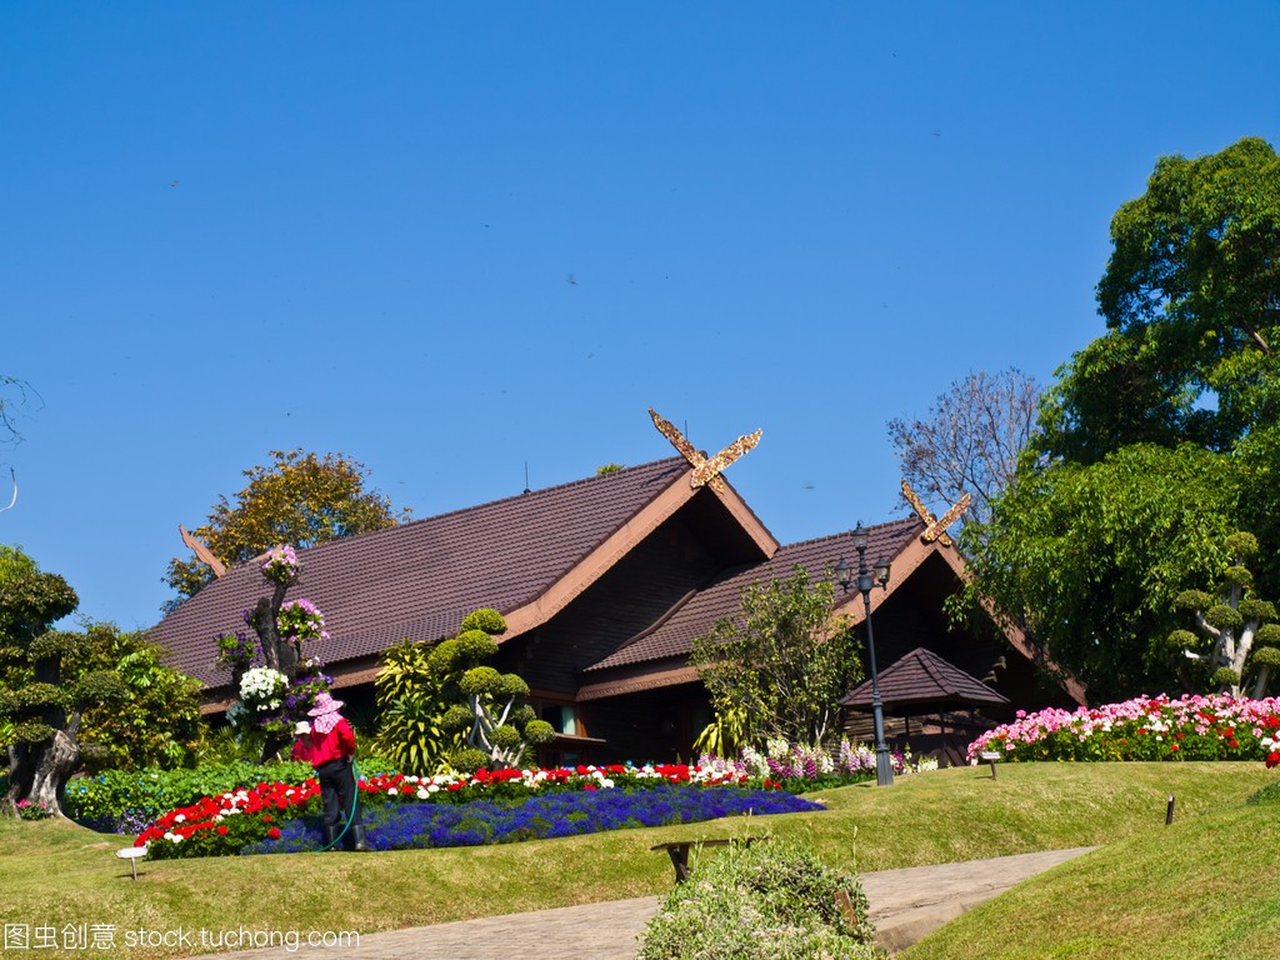 Doi董别墅、清莱、泰国二手房别墅重庆搜房网图片